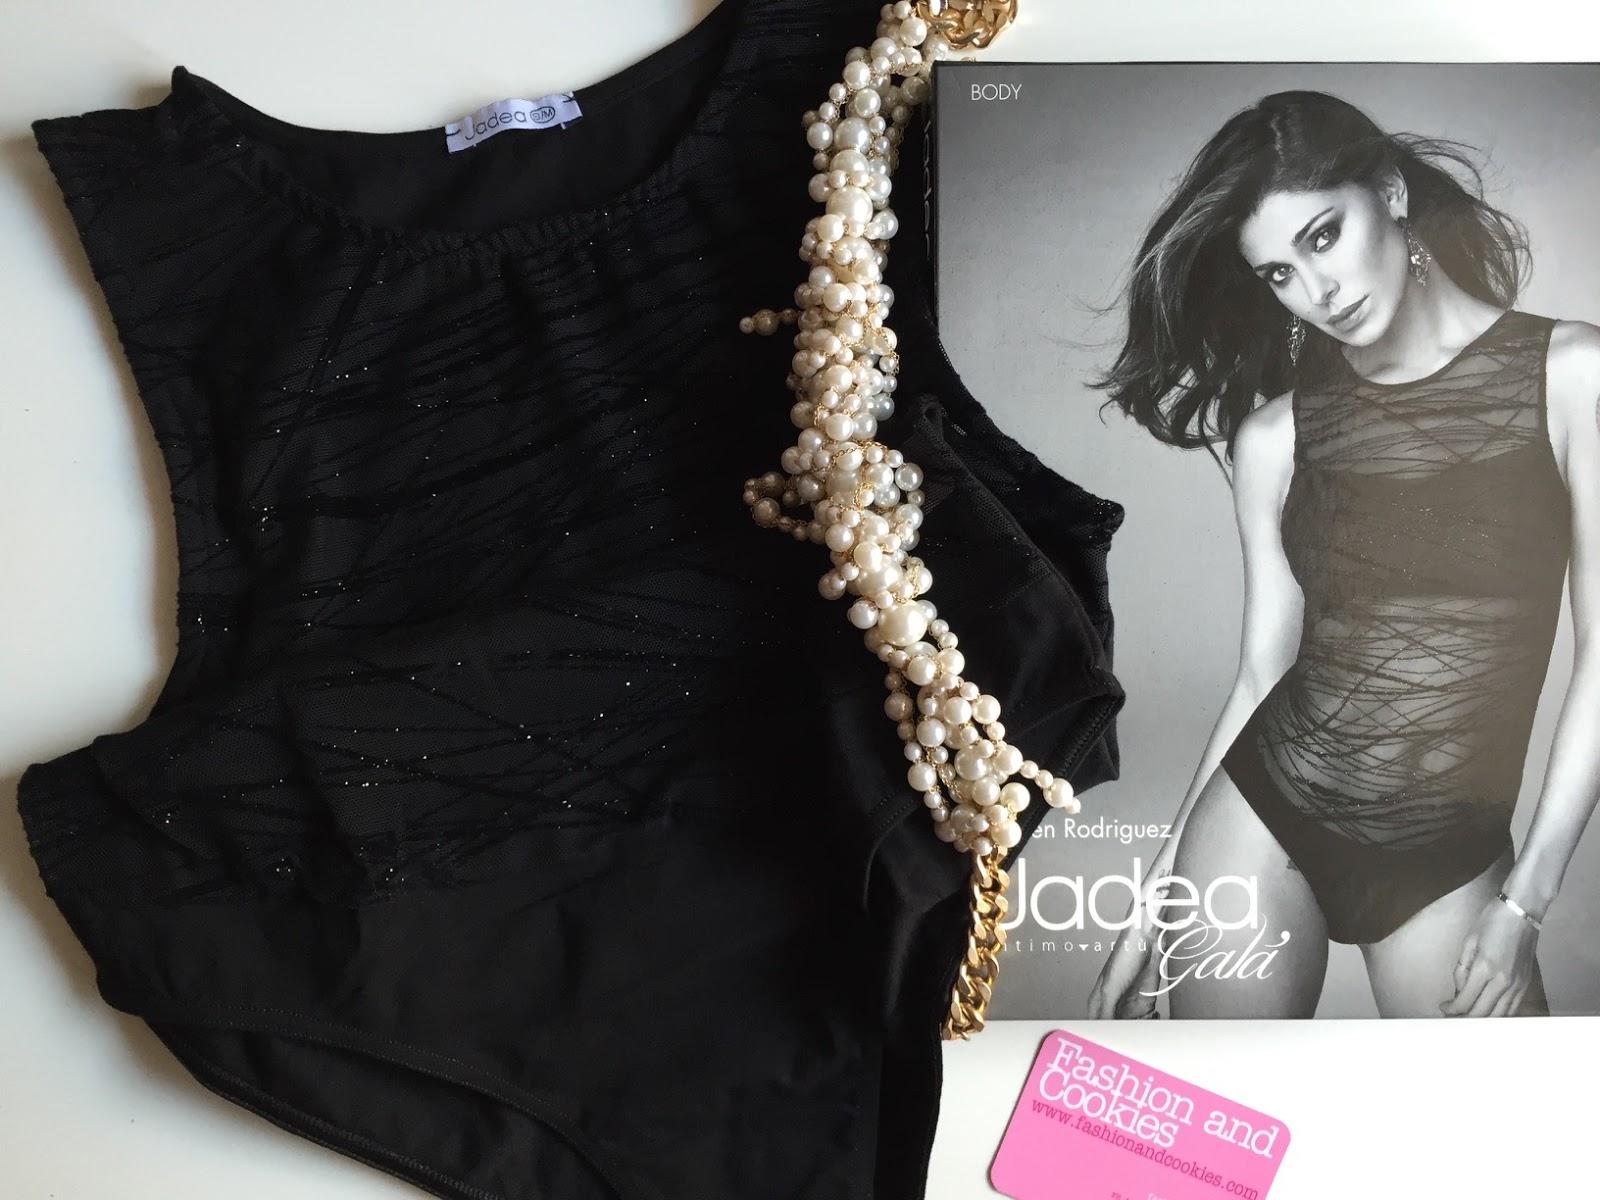 Jadea Galà body fioccato glitter, Jadea Belen Rodriguez su Fashion and Cookies fashion blog, fashion blogger